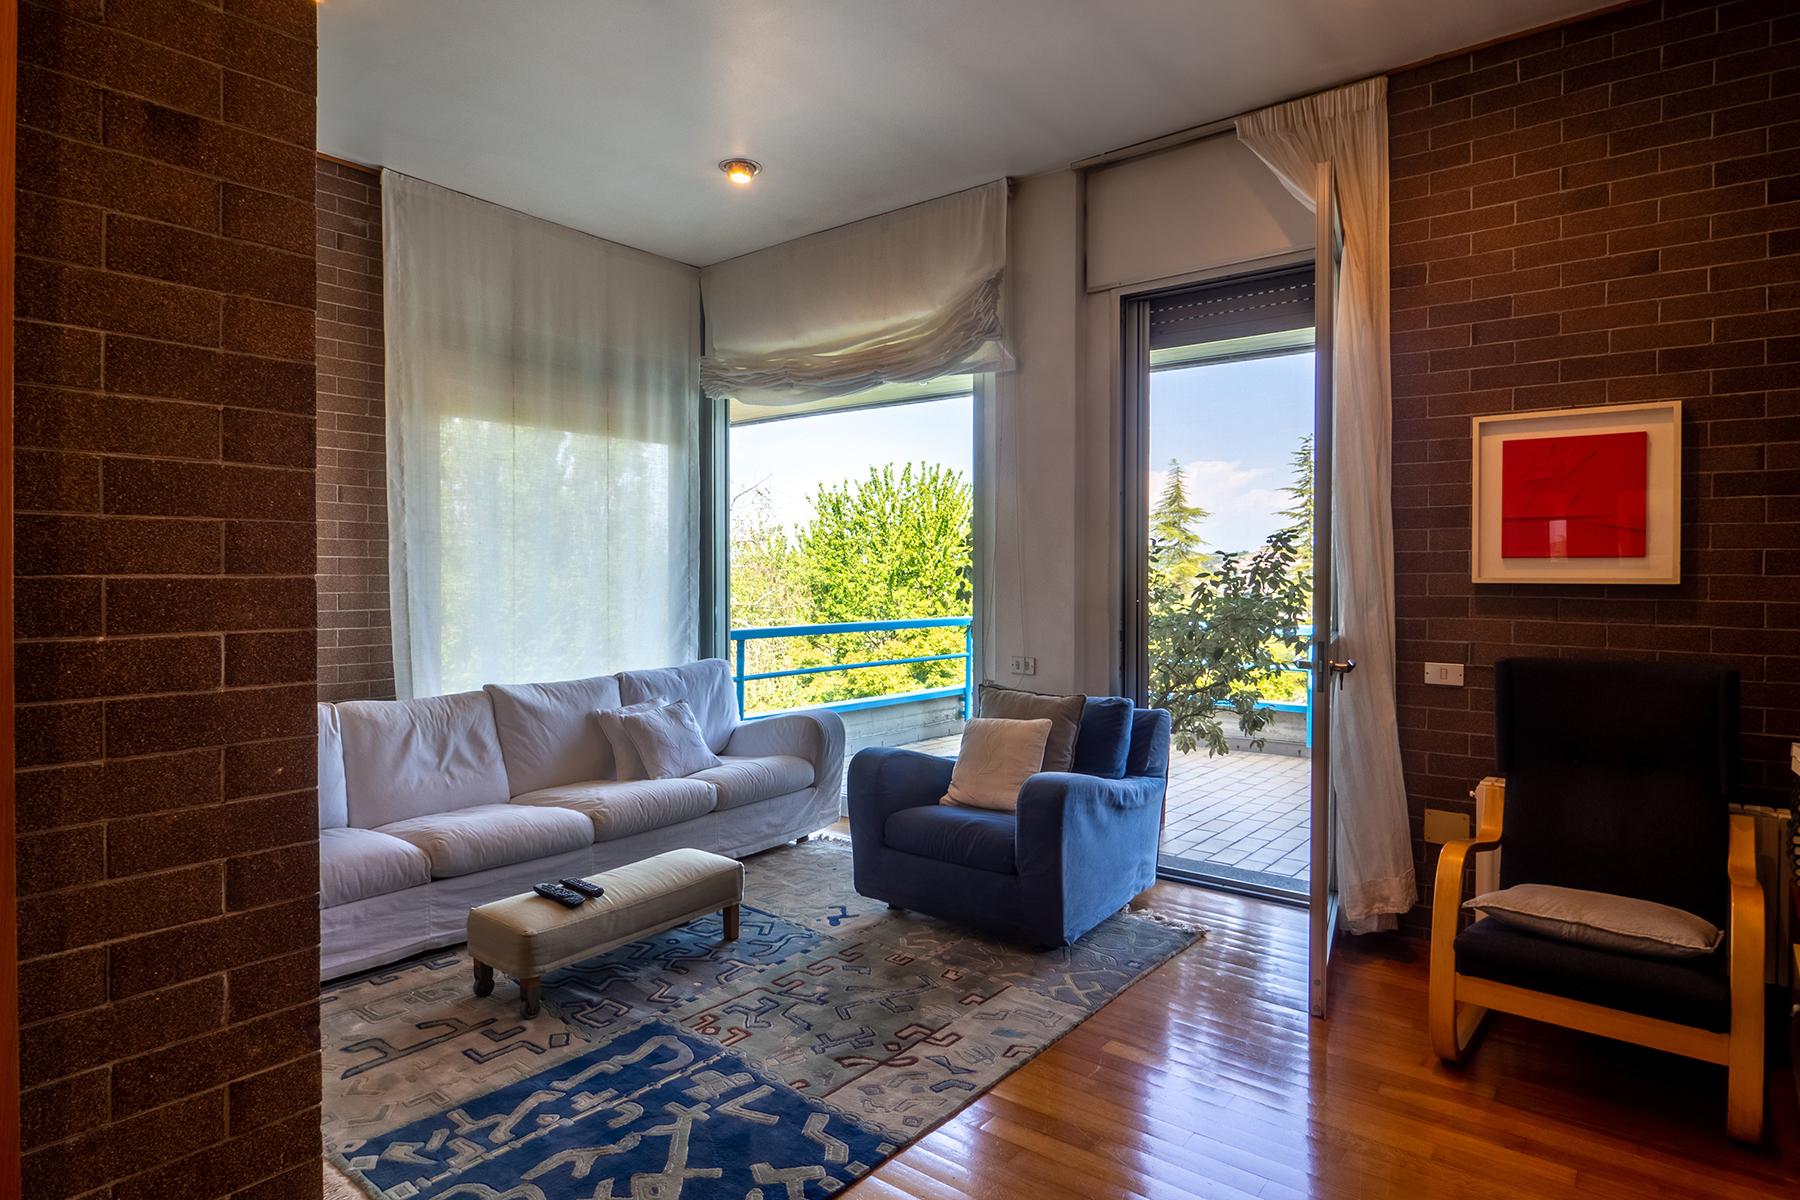 Casa indipendente in Vendita a Rosignano Monferrato: 5 locali, 290 mq - Foto 21